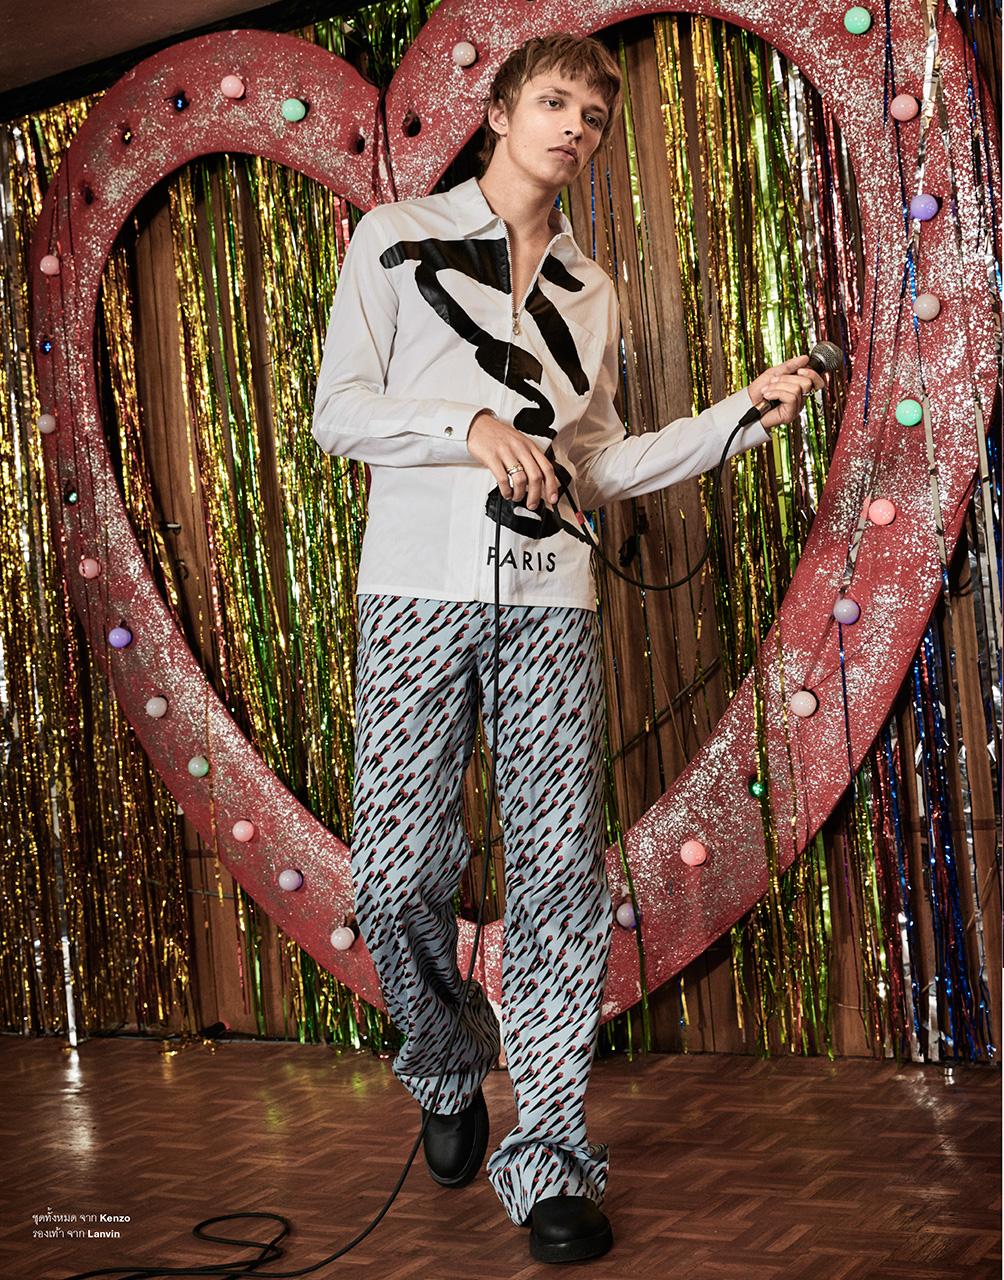 Elle Man Thailand - Haifa Wohlers-Olsen - Nov 16_10.jpg